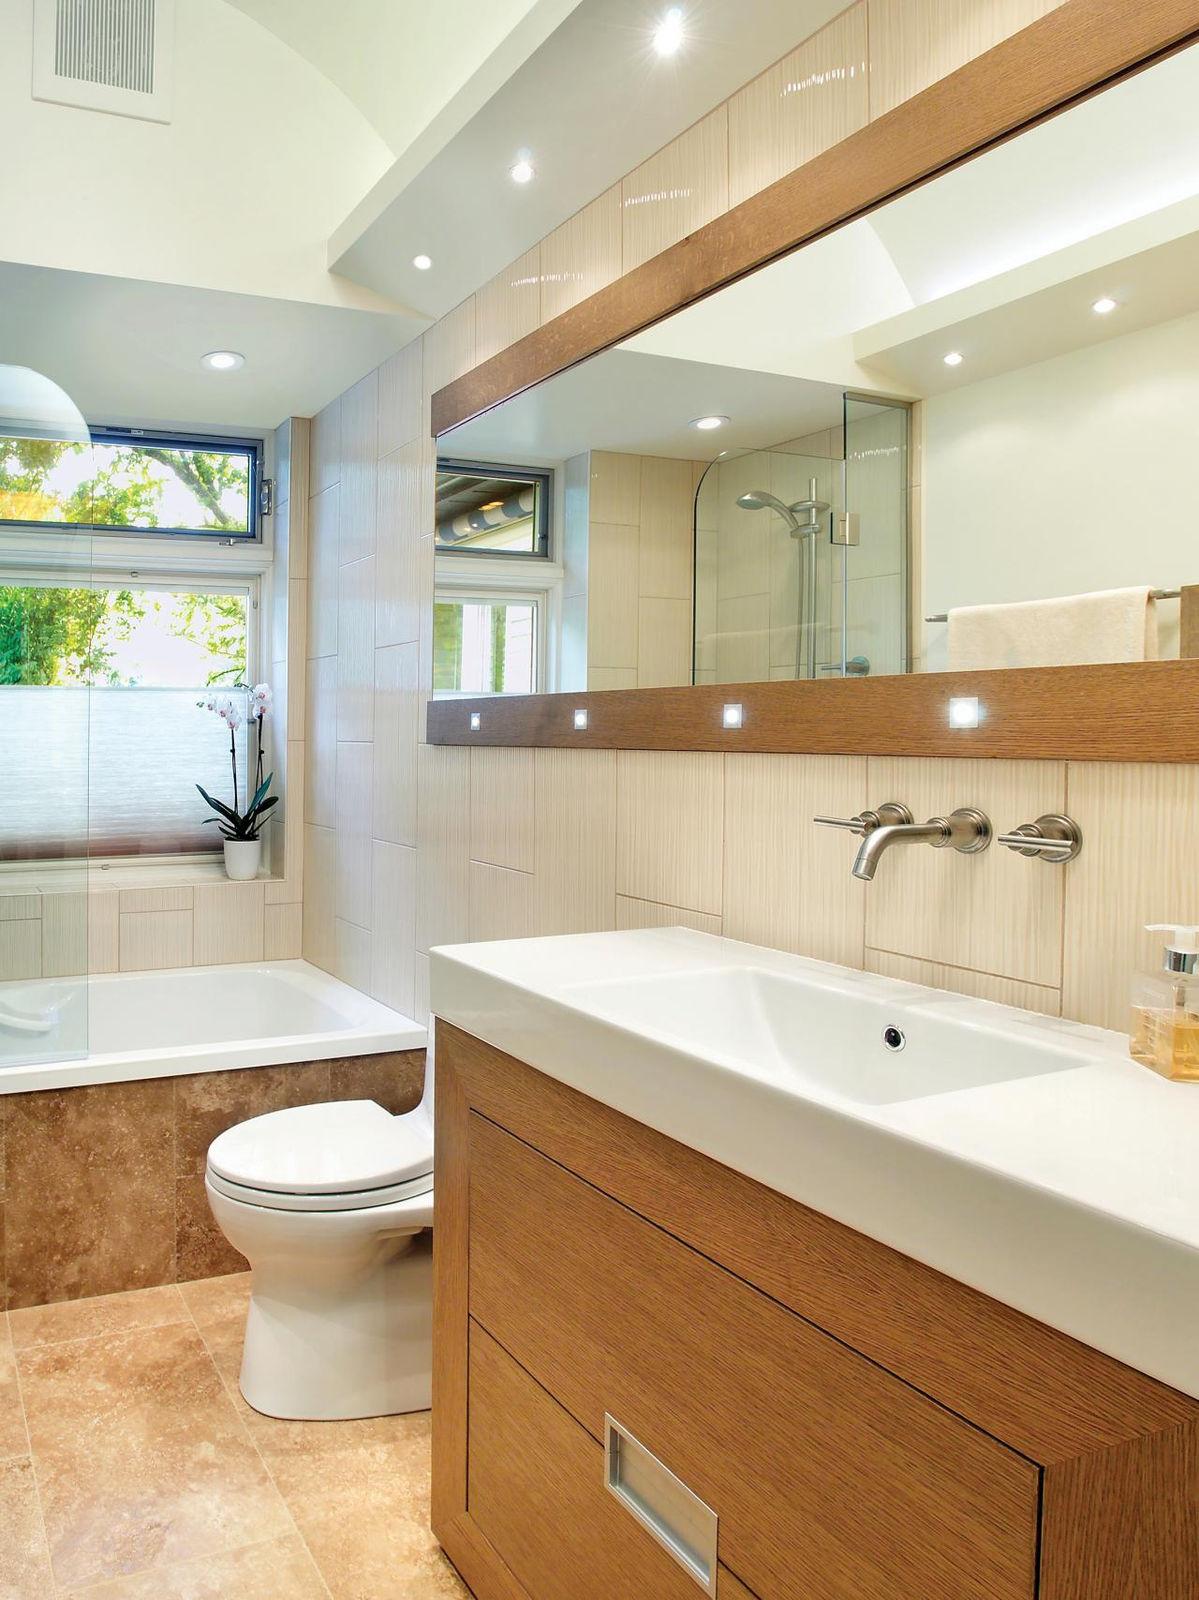 Длинные зеркала на стенах зрительно расширяют пространство небольшой ванной комнаты